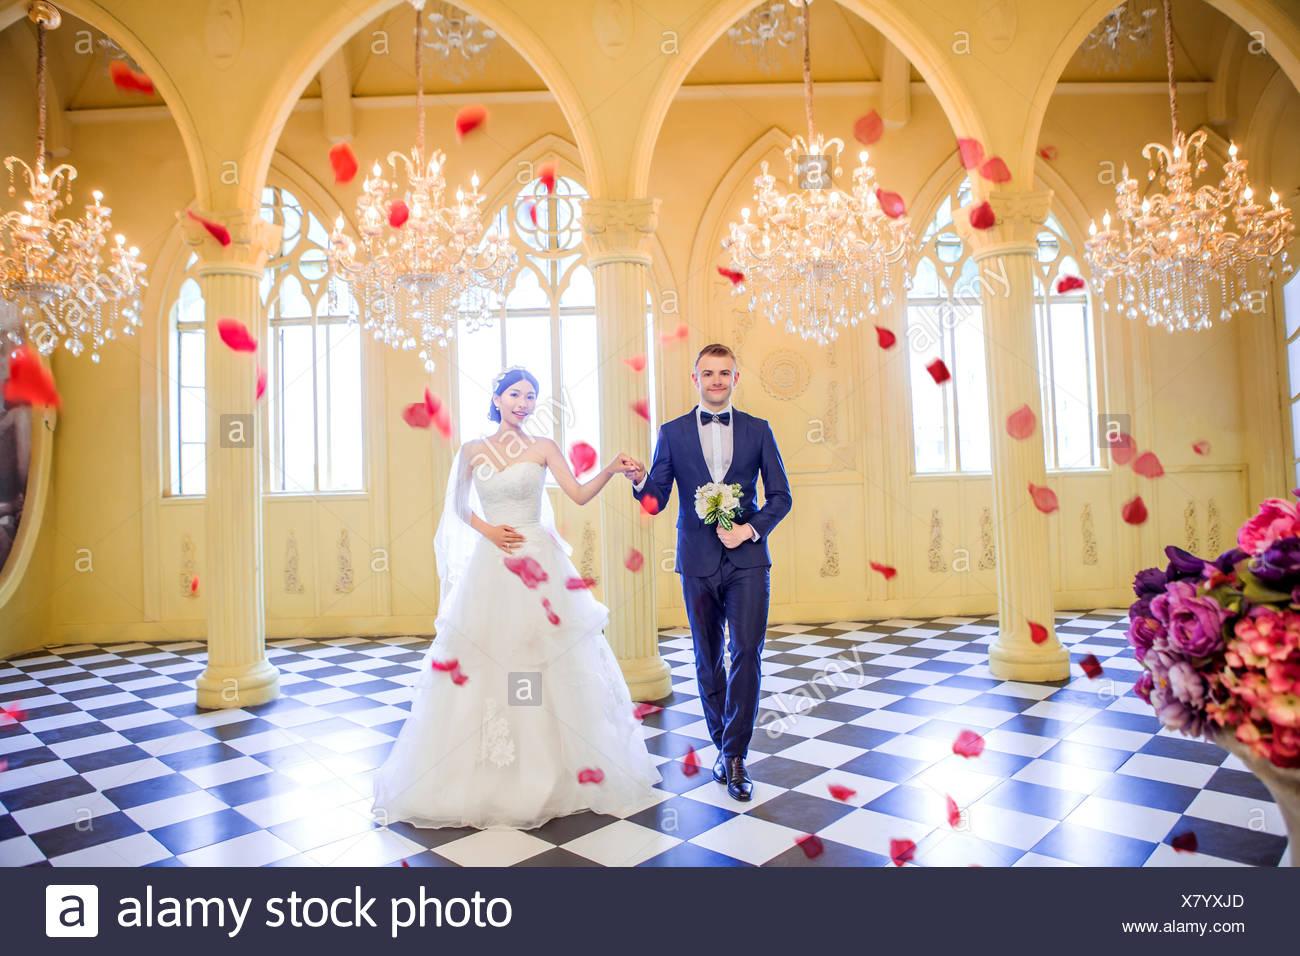 Full Length Of Elegant Wedding Couple Holding Hands In